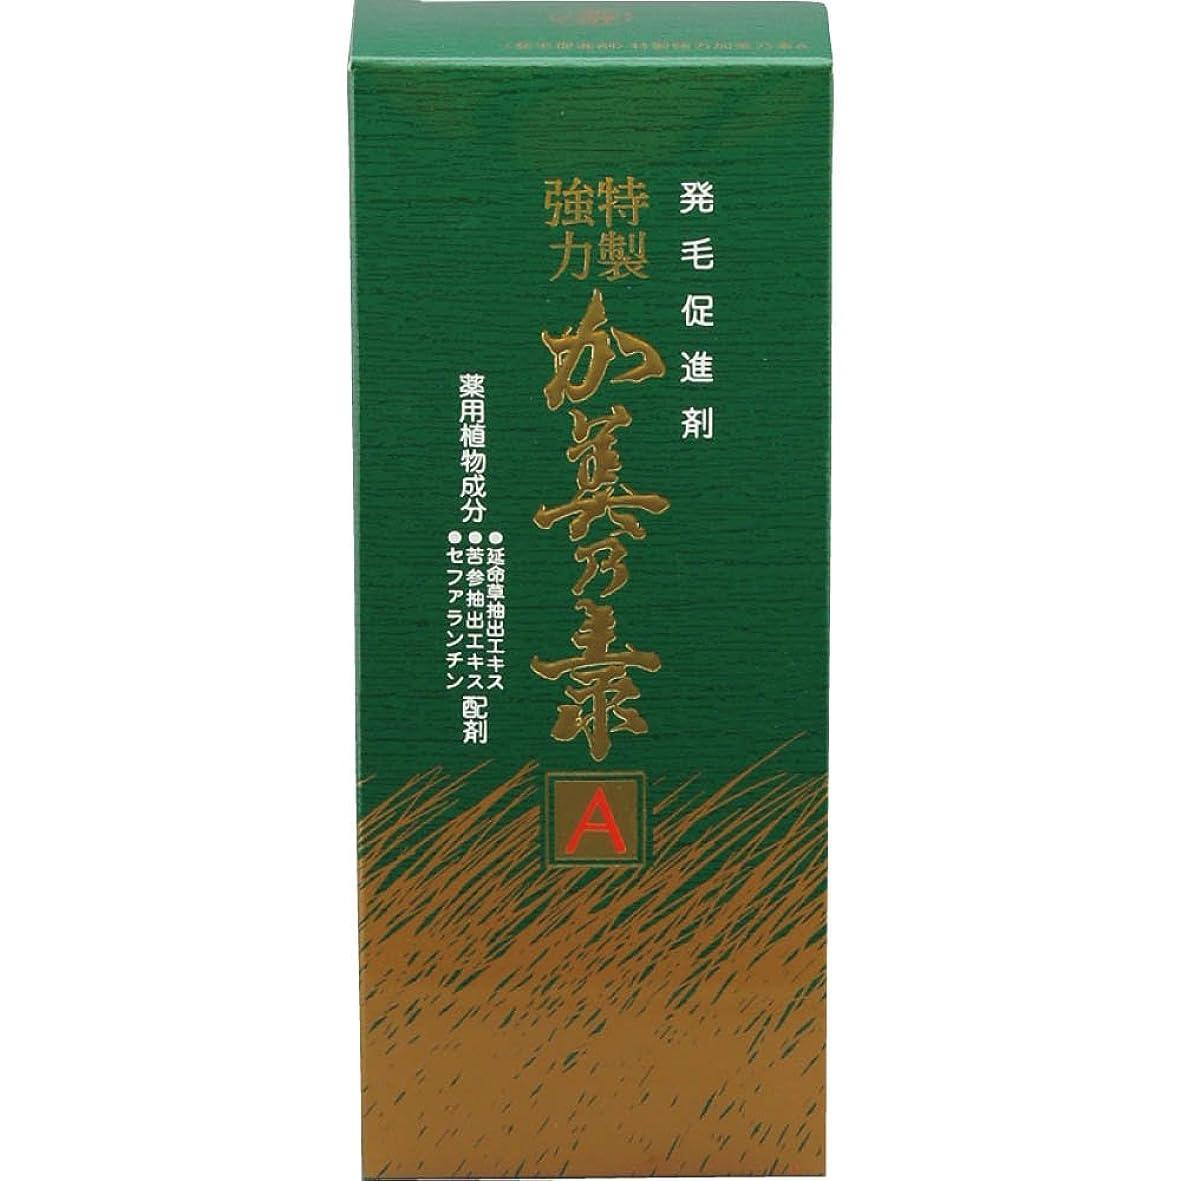 数字処方音特製強力加美乃素A フレッシュシトラスの香り 180mL 【医薬部外品】